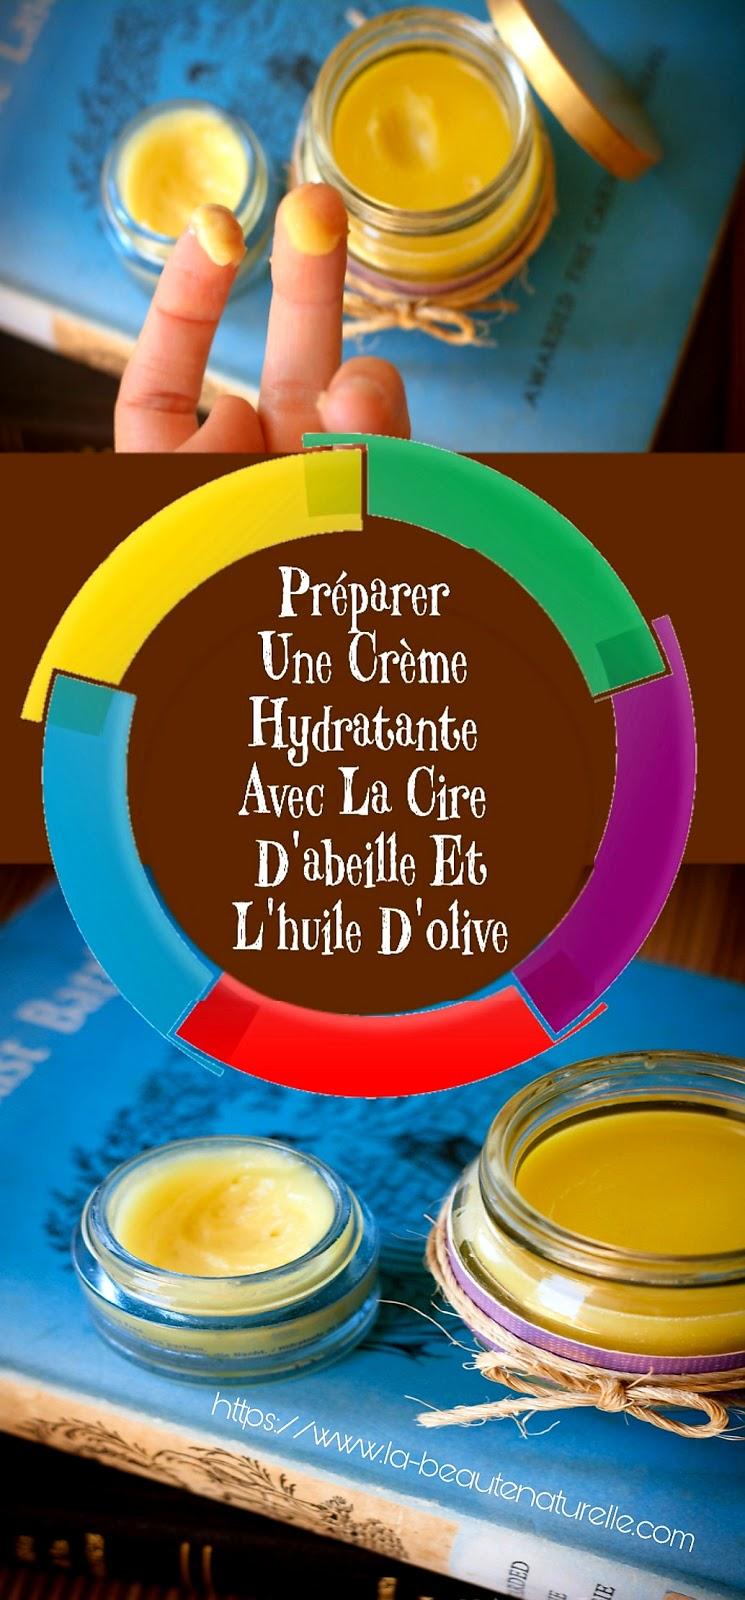 Préparer Une Crème Hydratante Avec La Cire D'abeille Et L'huile D'olive